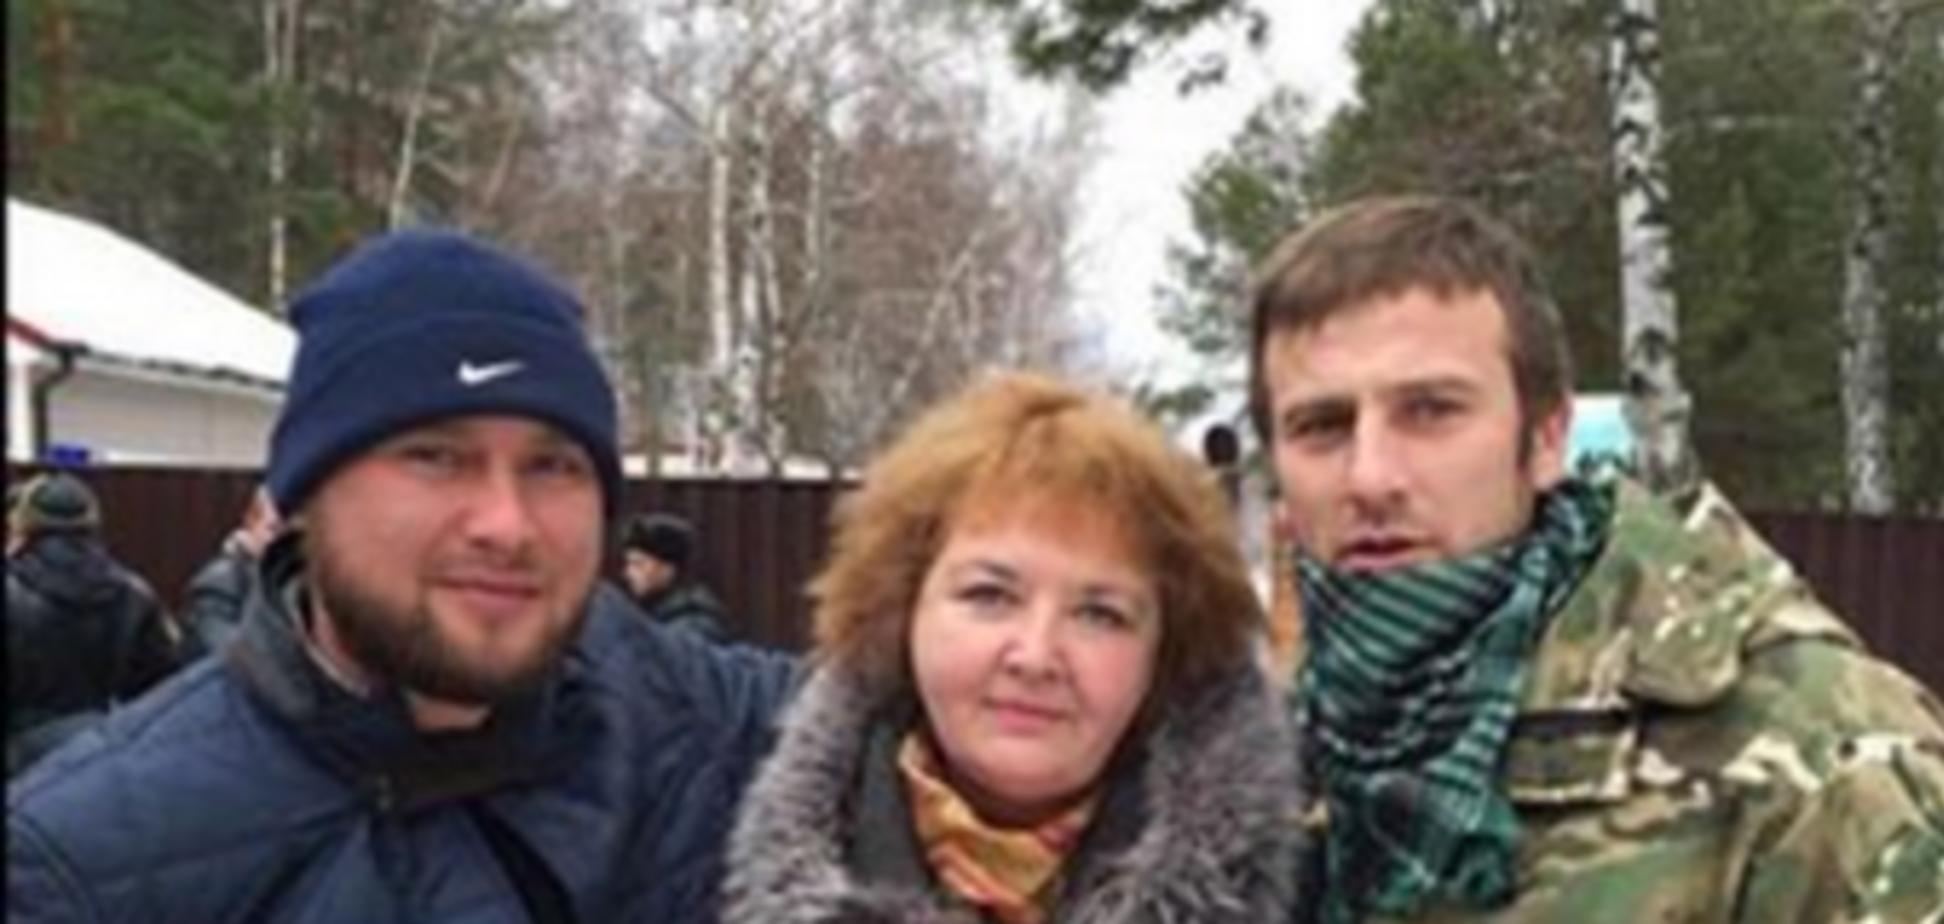 Российская правозащитница Васильева попала в 'плен' Нацгвардии: фотофакт